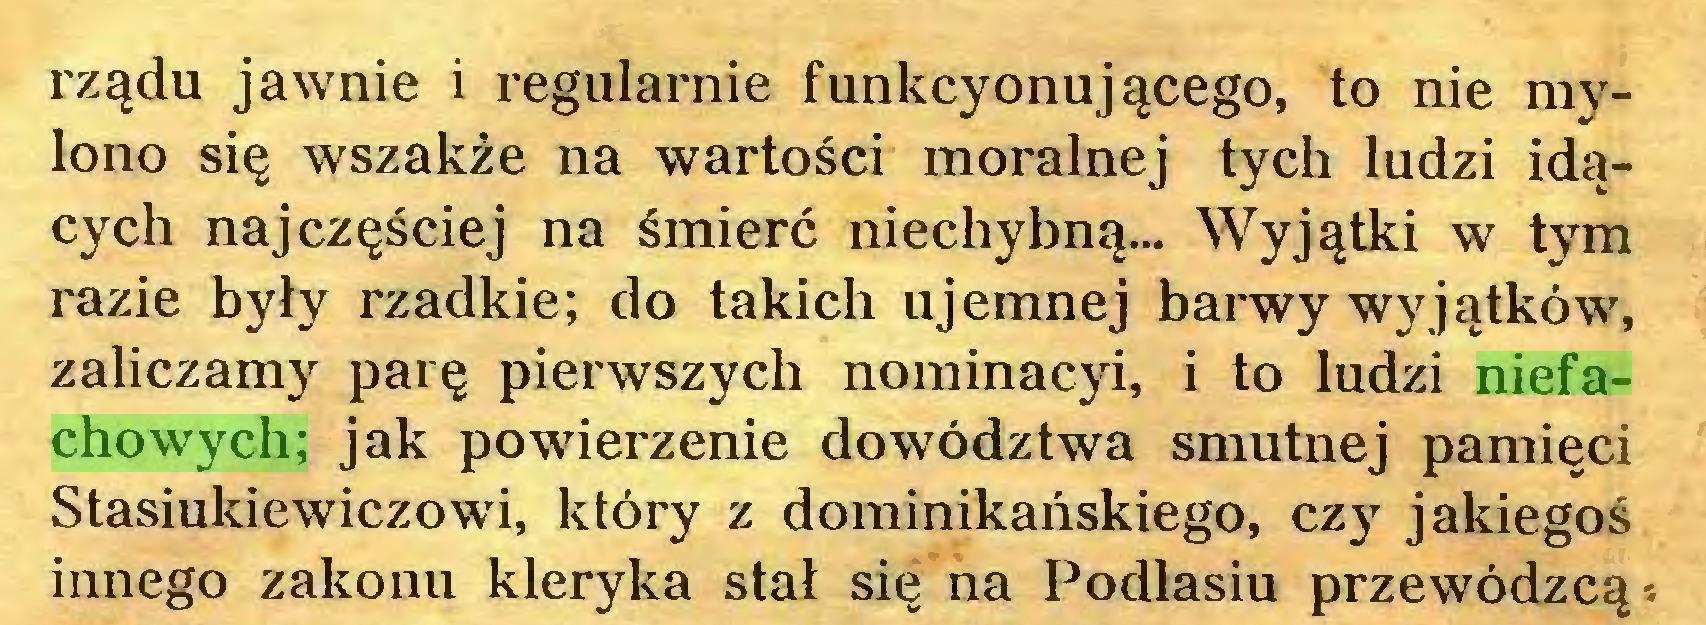 (...) rządu jawnie i regularnie funkcyonującego, to nie mylono się wszakże na wartości moralnej tych ludzi idących najczęściej na śmierć niechybną... Wyjątki w tym razie były rzadkie; do takich ujemnej barwy wyjątków, zaliczamy parę pierwszych nominacyi, i to ludzi niefachowych; jak powierzenie dowództwa smutnej pamięci Stasiukiewiczowi, który z dominikańskiego, czy jakiegoś innego zakonu kleryka stał się na Podlasiu przewódzcą-...